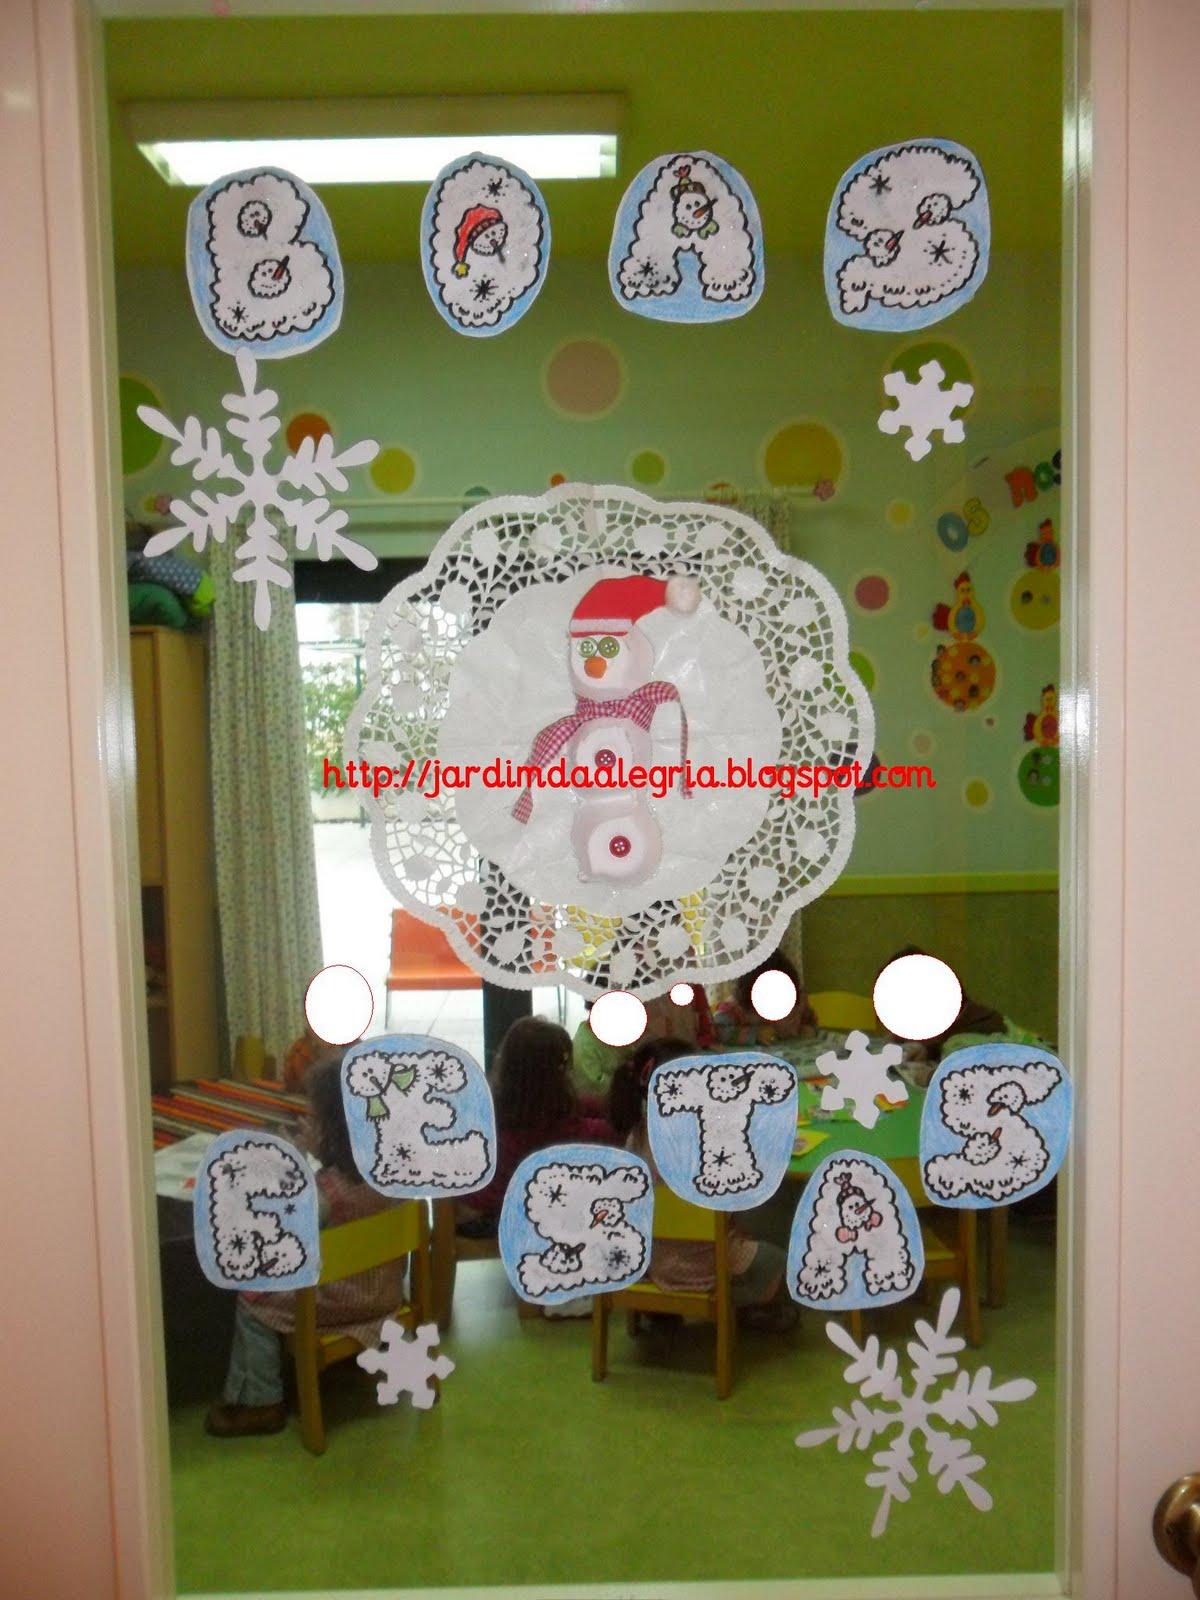 decoracao de sala natal : decoracao de sala natal:Jardim da Alegria: Decoração de Natal : as portas da sala